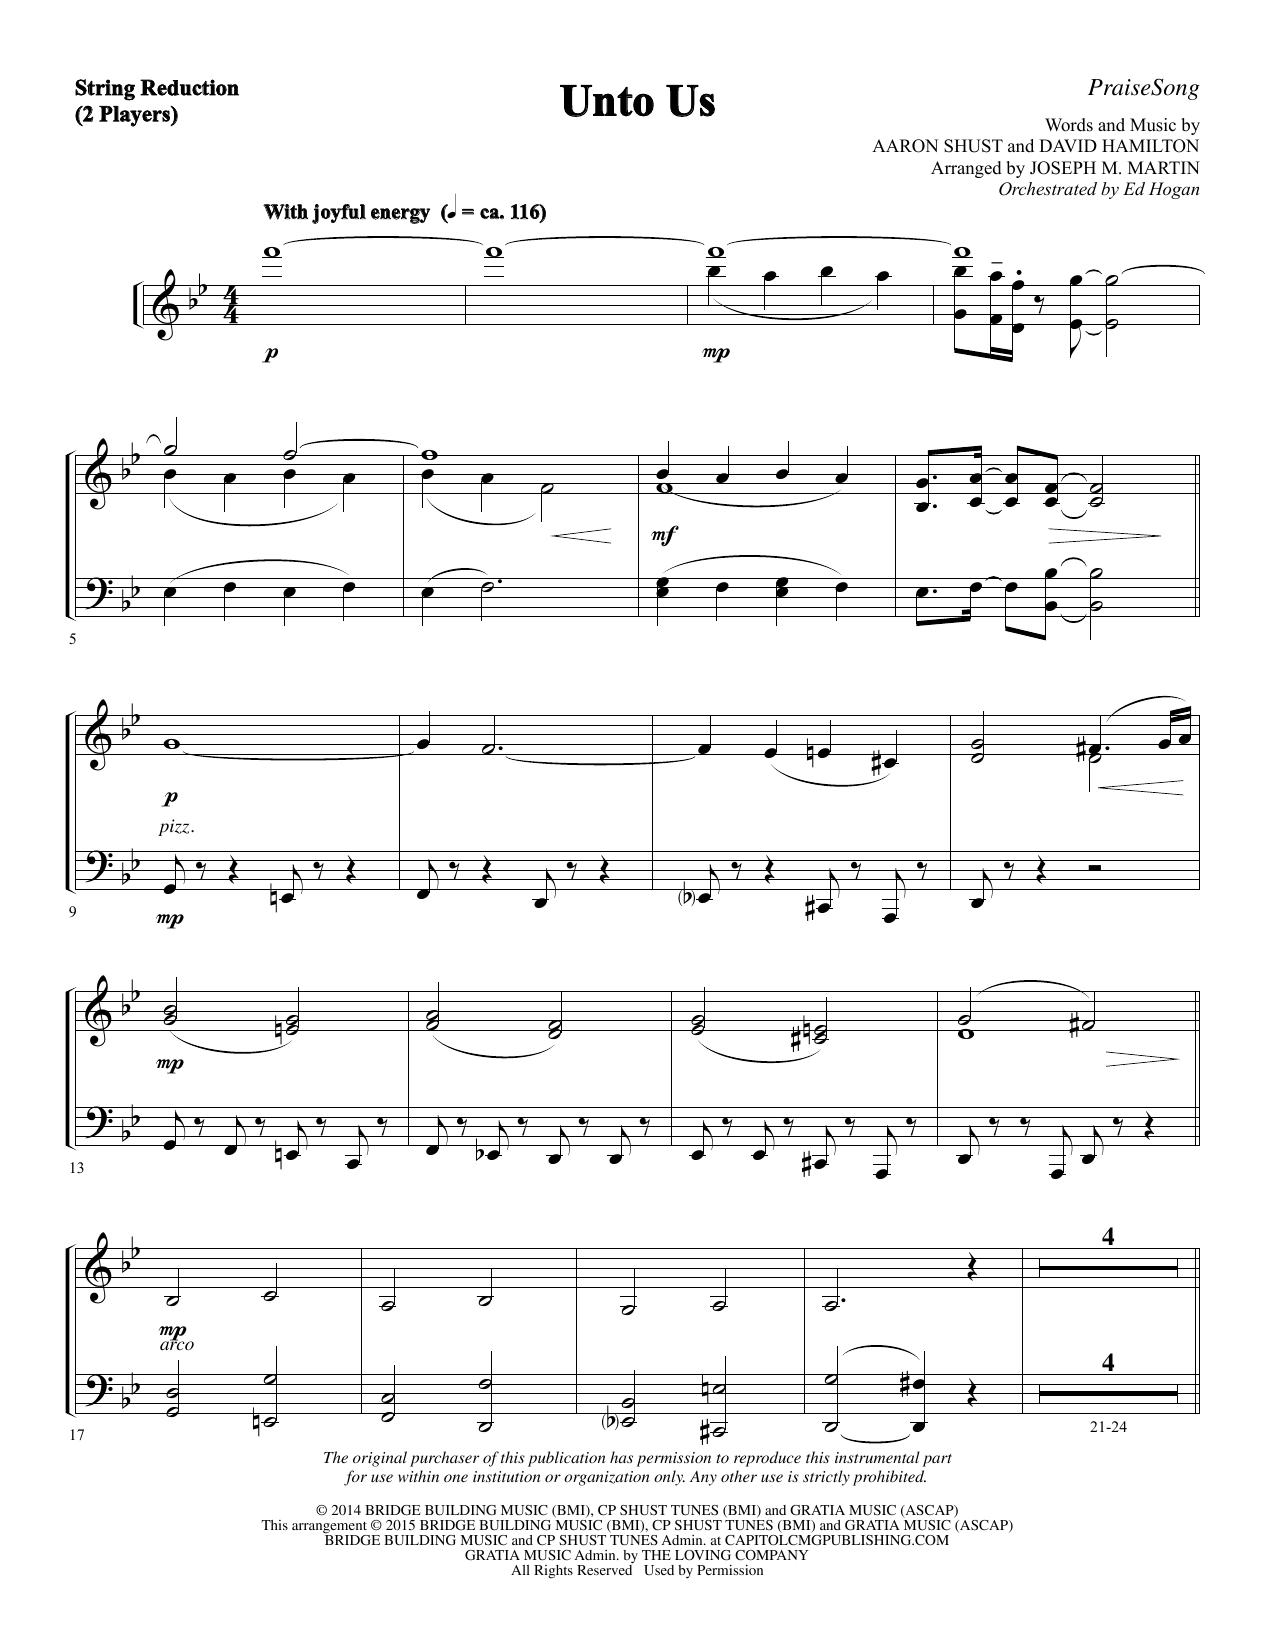 Unto Us - Keyboard String Reduction Sheet Music